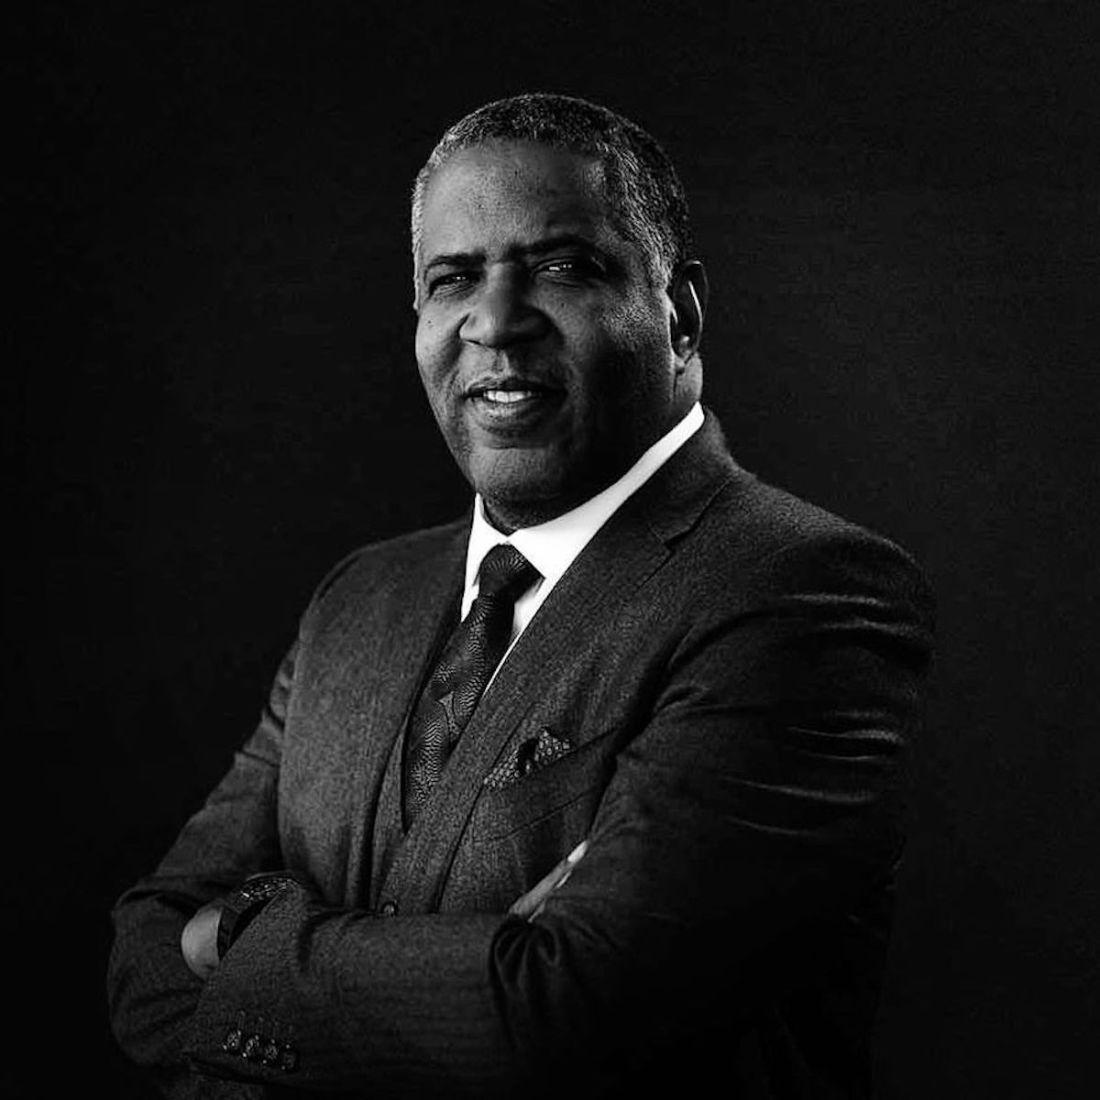 Robert F. Smith, African American Billionaire, Black Billionaire, African American Wealth, Black Wealth, KOLUMN Magazine, KOLUMN, Willoughby Avenue